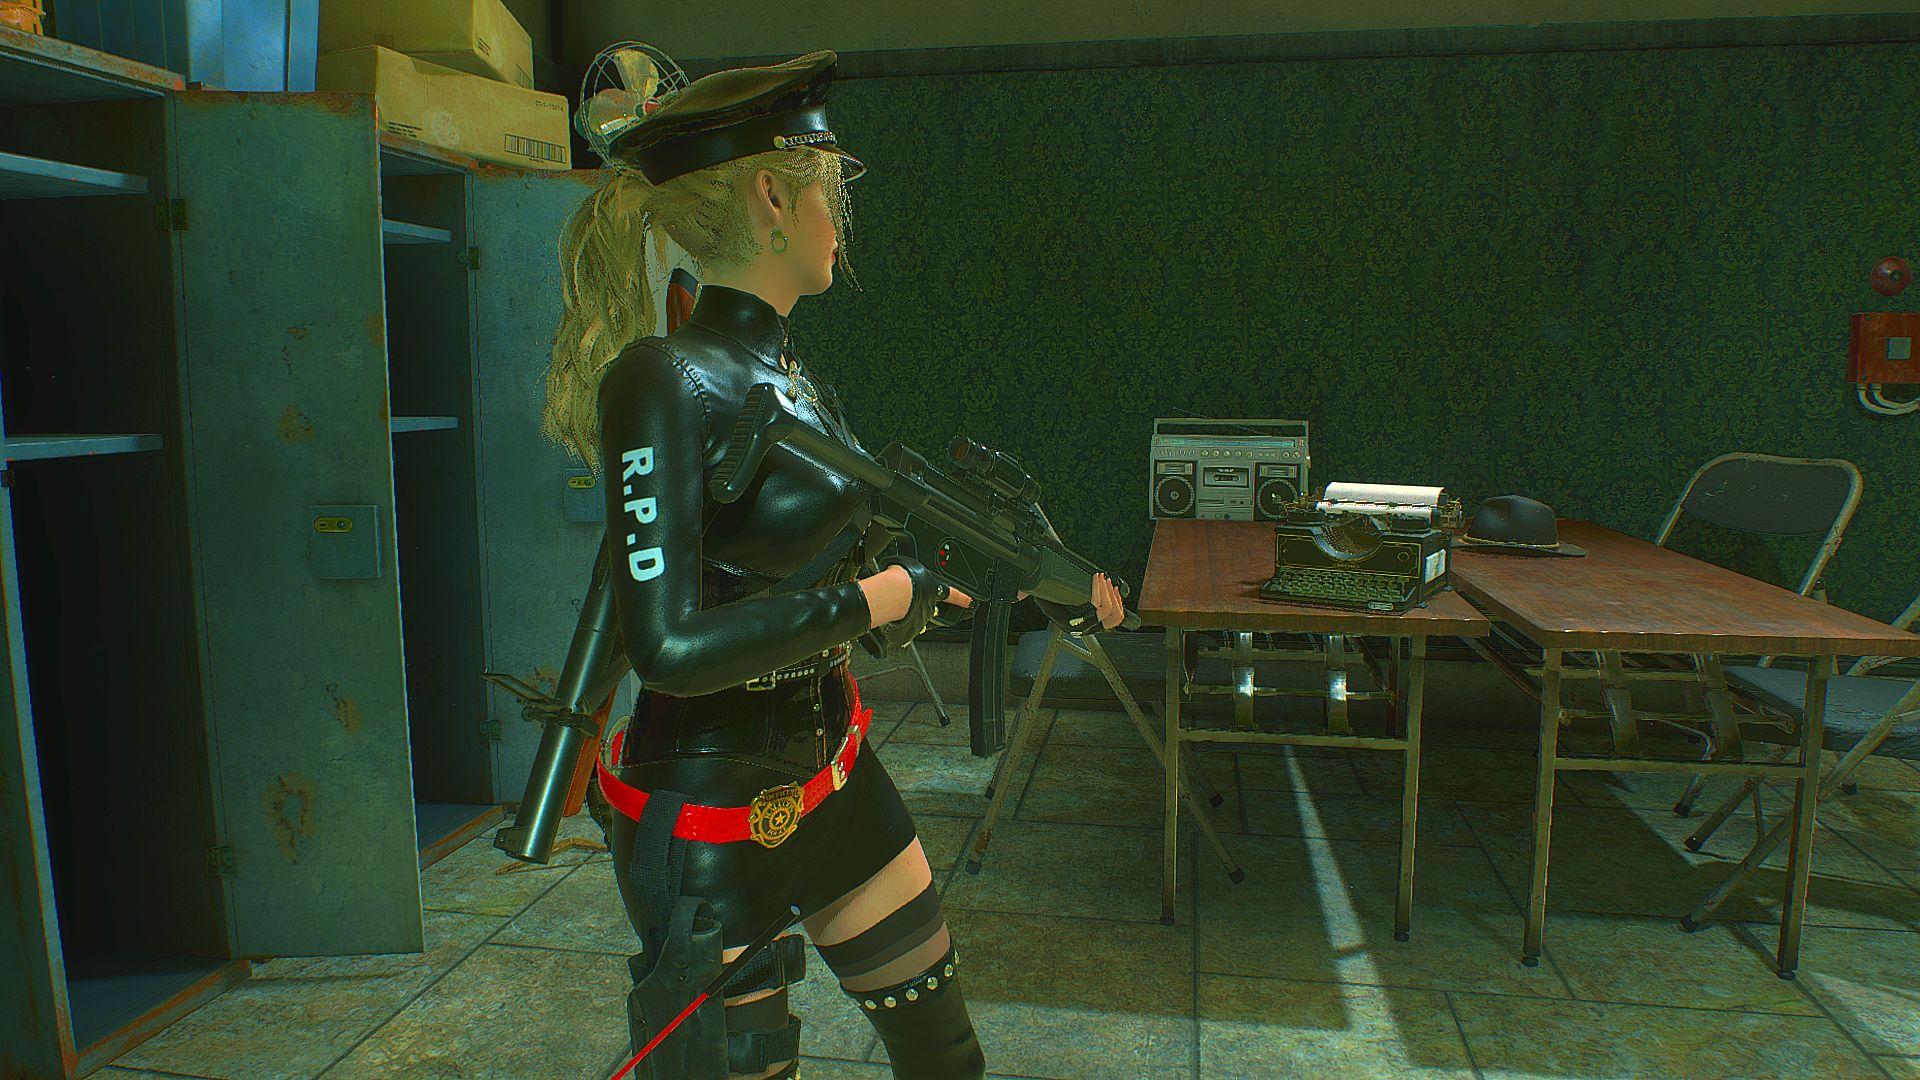 000113.Jpg - Resident Evil 2